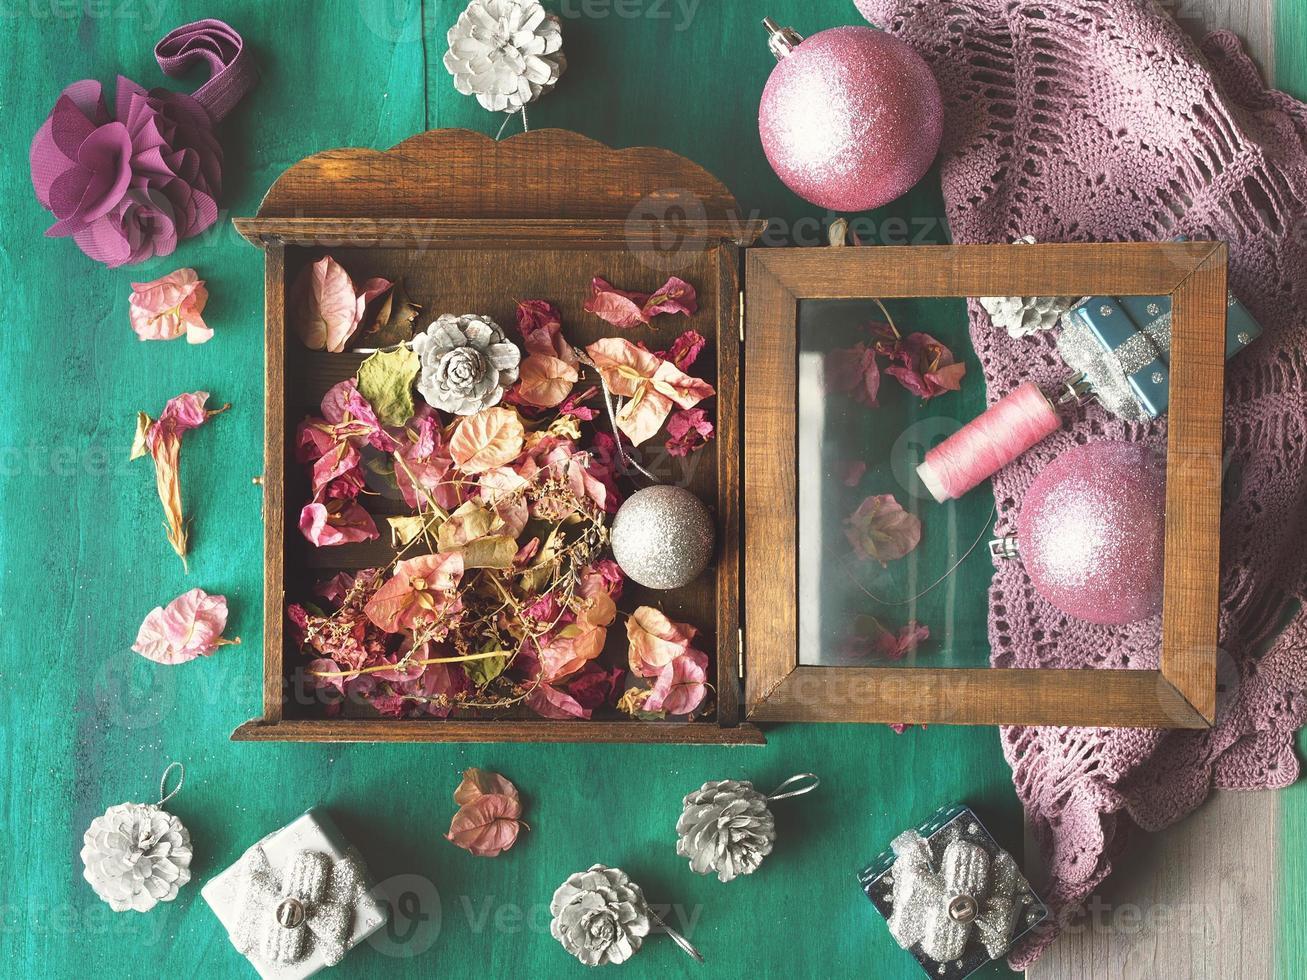 Noël nature morte avec fleurs et décorations sur vert photo